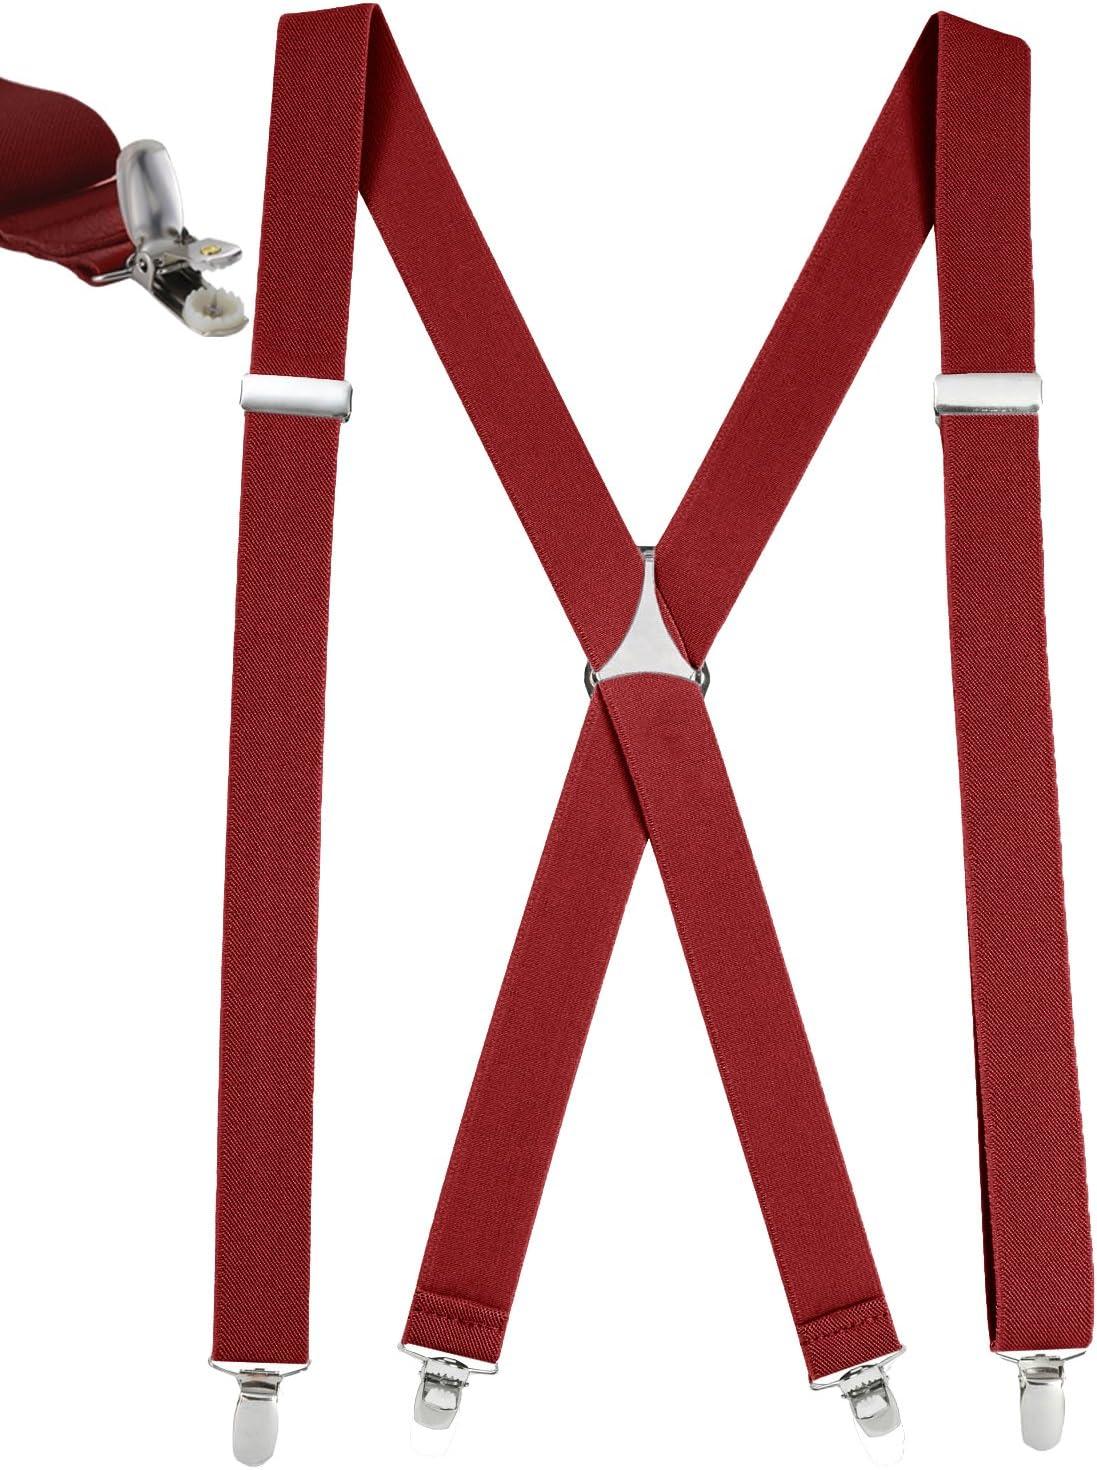 Regular, 46 Long Mens Elastic X Back No SlipPin Clip Straight Clip Suspenders Navy